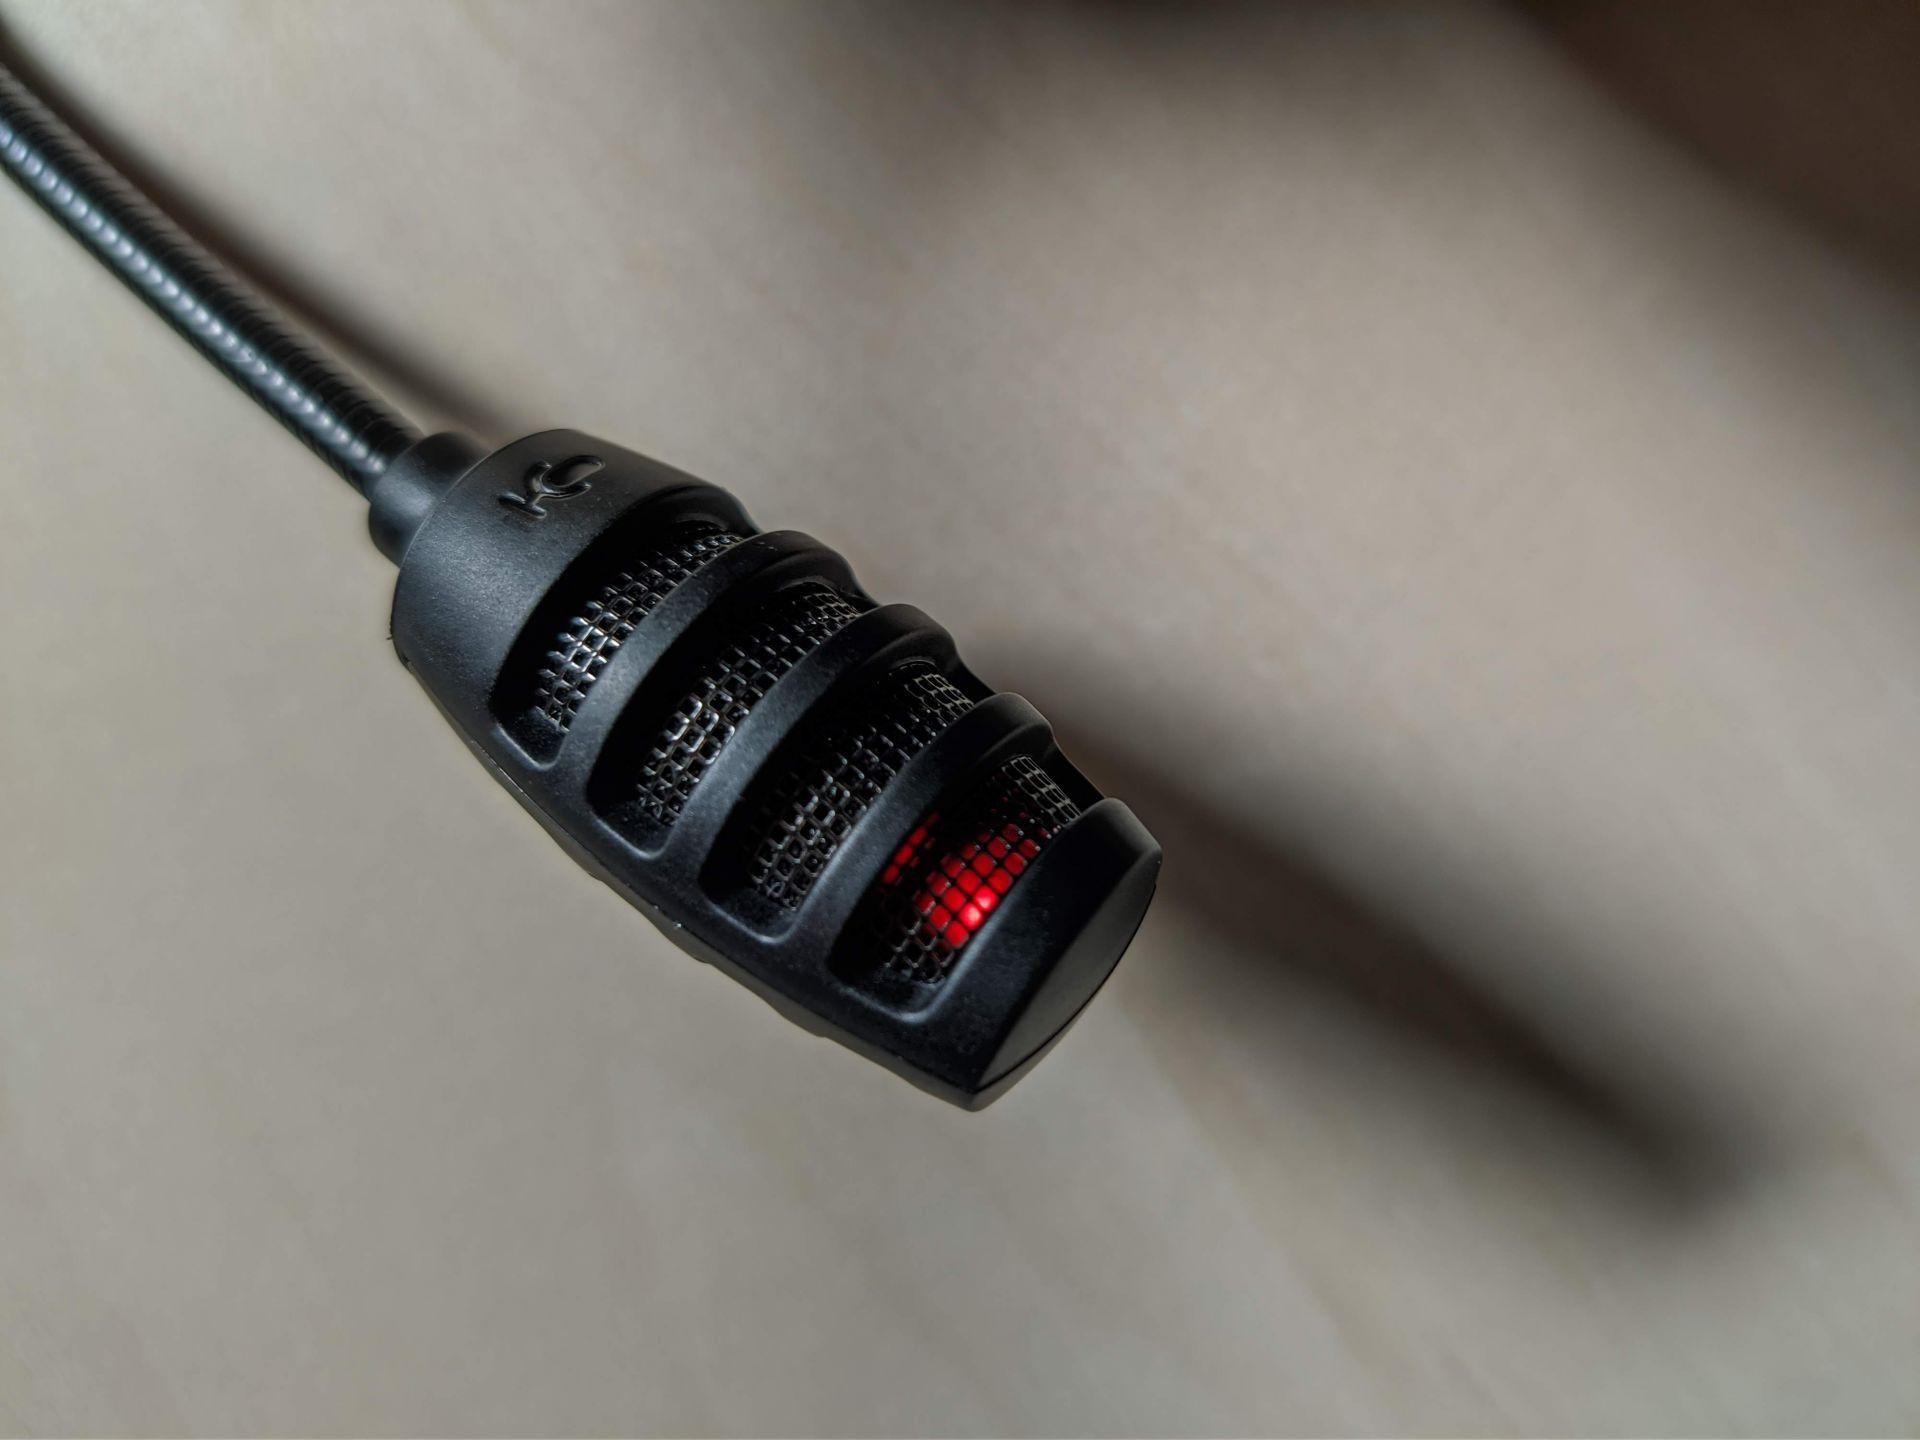 V mikrofonu je skrytá malá červená dioda. Indikuje jeho vypnutý i zapnutý stav, v denním světle však není ideálně viditelná